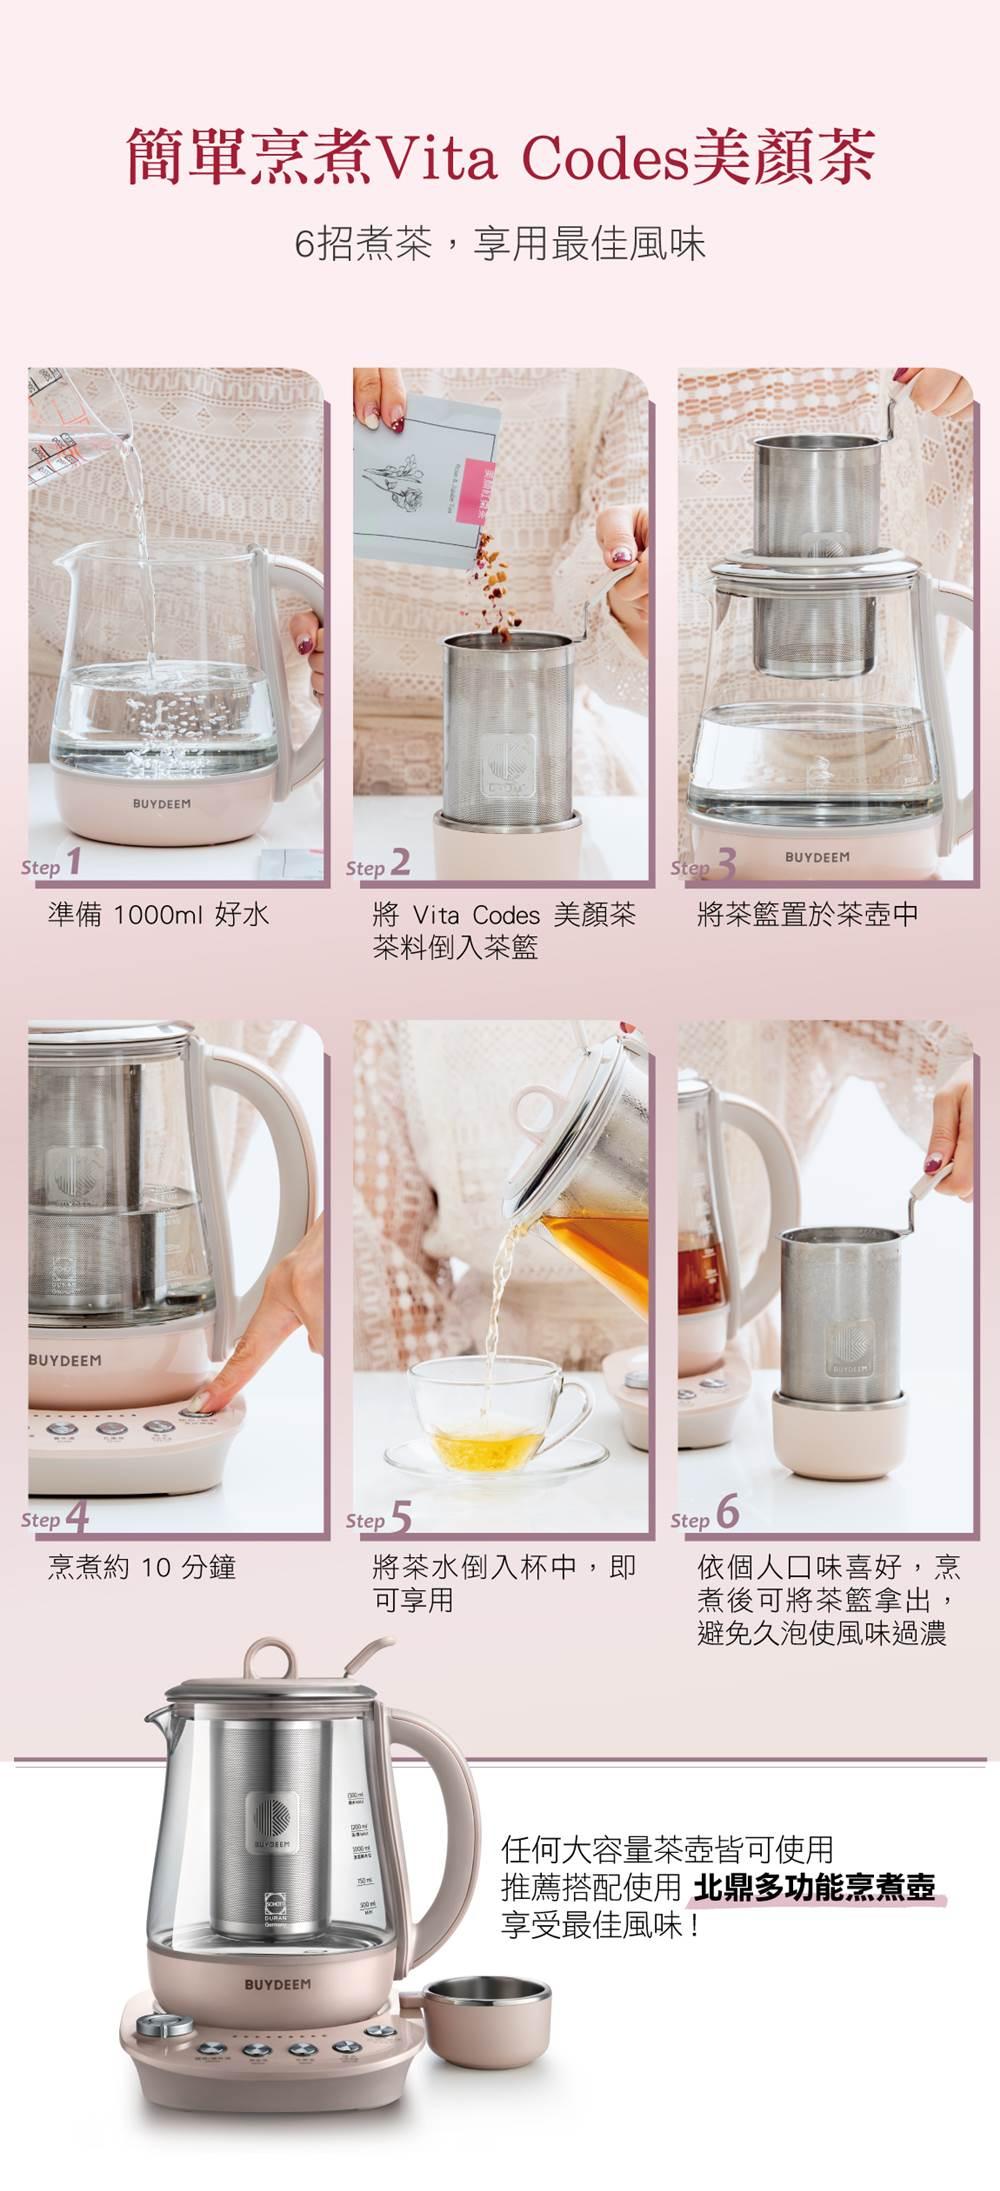 VitaCodes美顏茶-產品介紹11-烹煮步驟-2